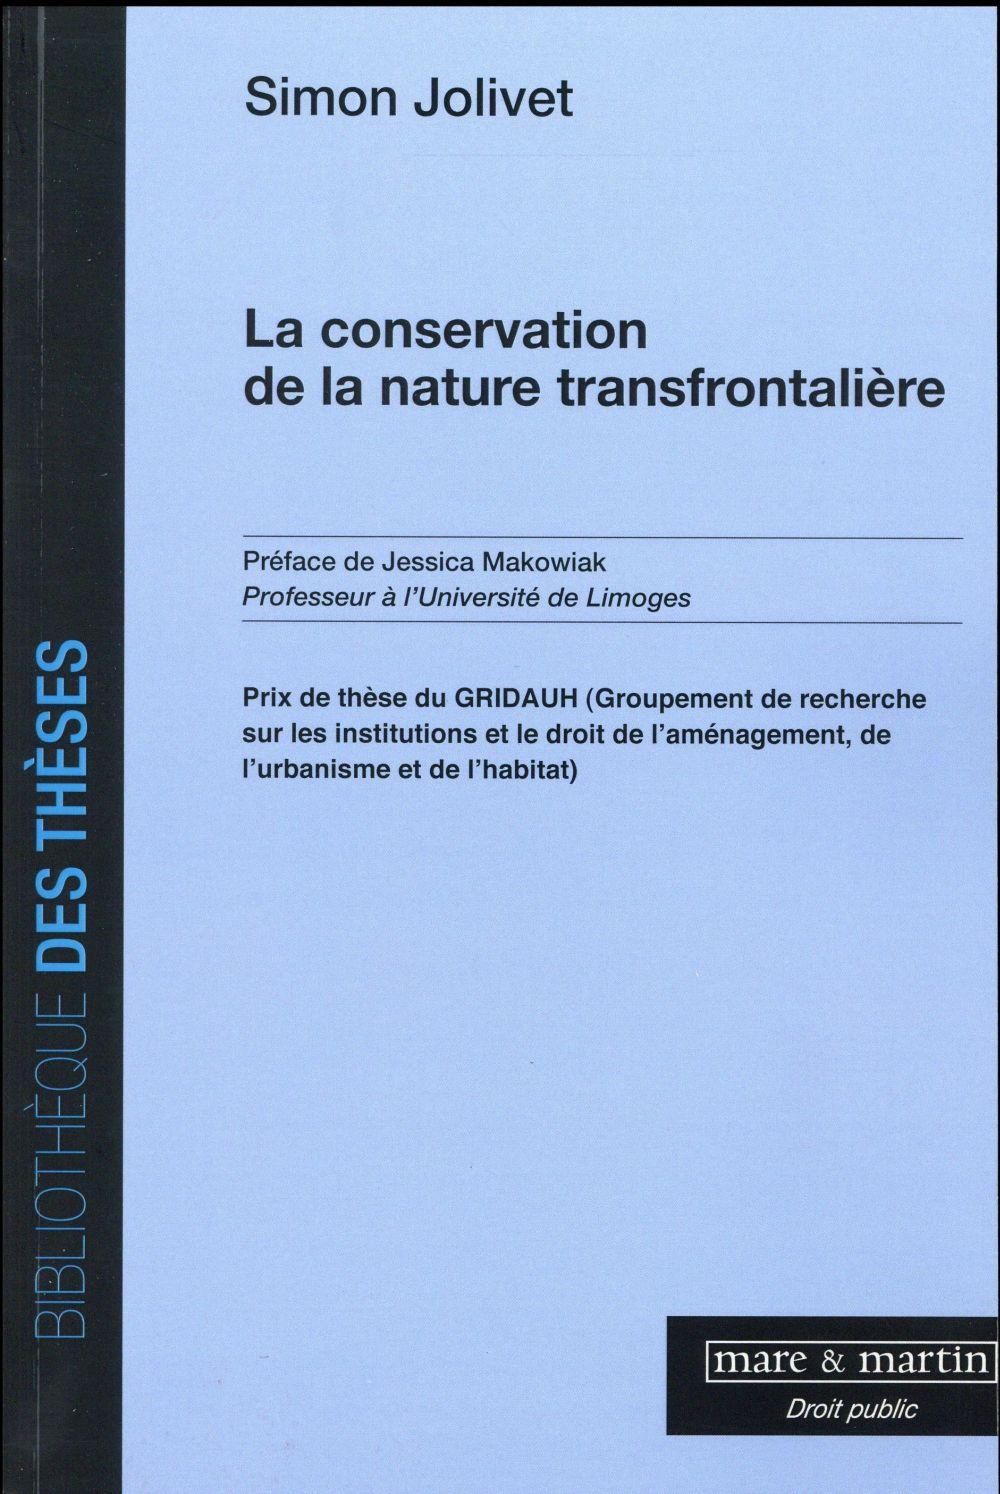 LA CONSERVATION DE LA NATURE TRANSFRONTALIERE